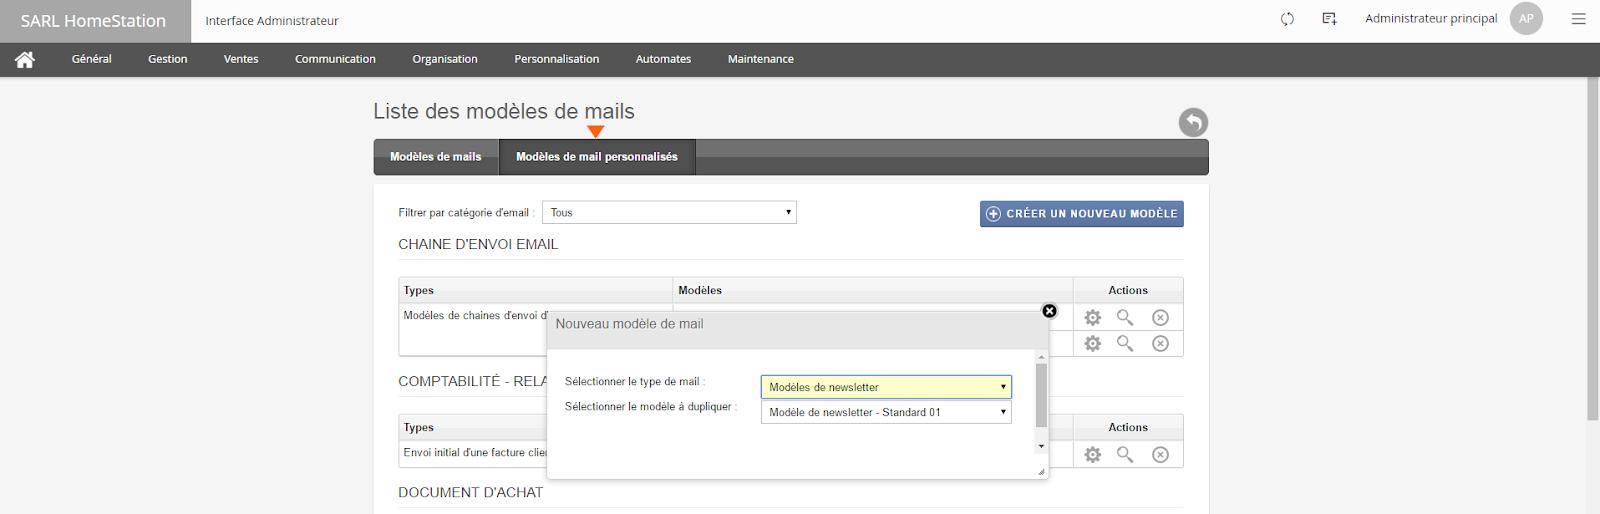 Liste des modèles de mails perso Newsletter.png